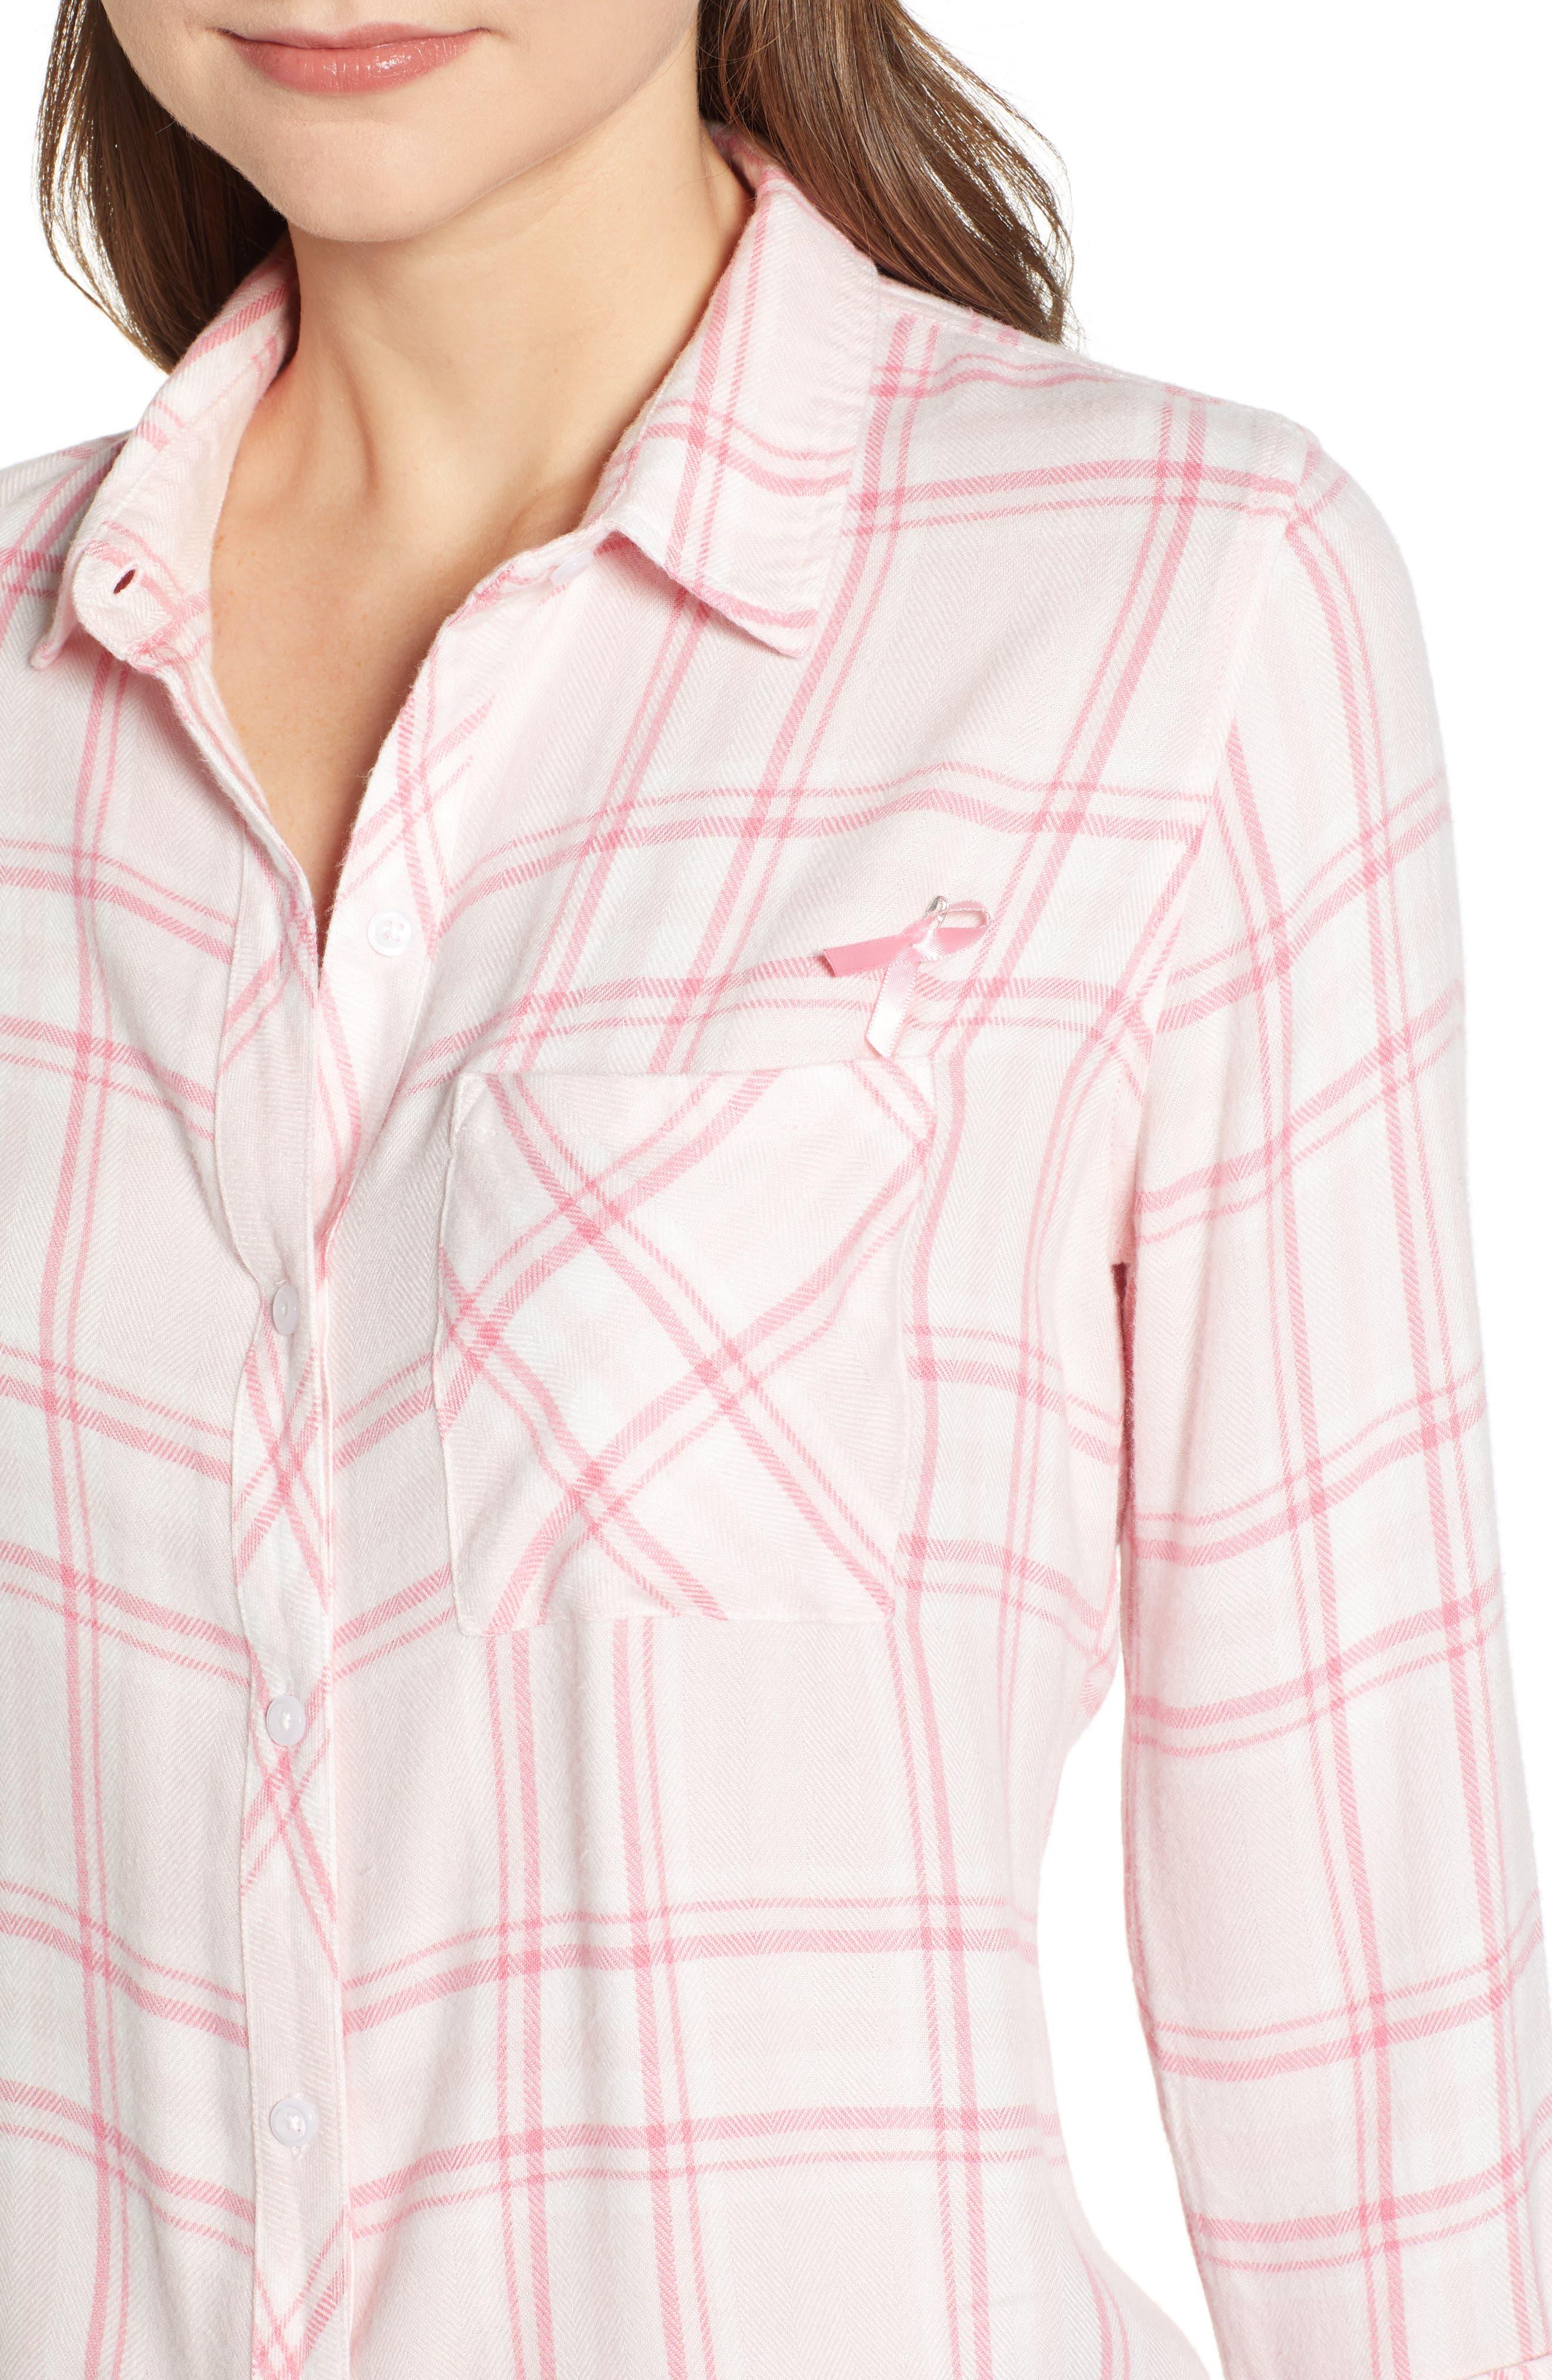 Hunter Plaid Shirt,                             Alternate thumbnail 4, color,                             675